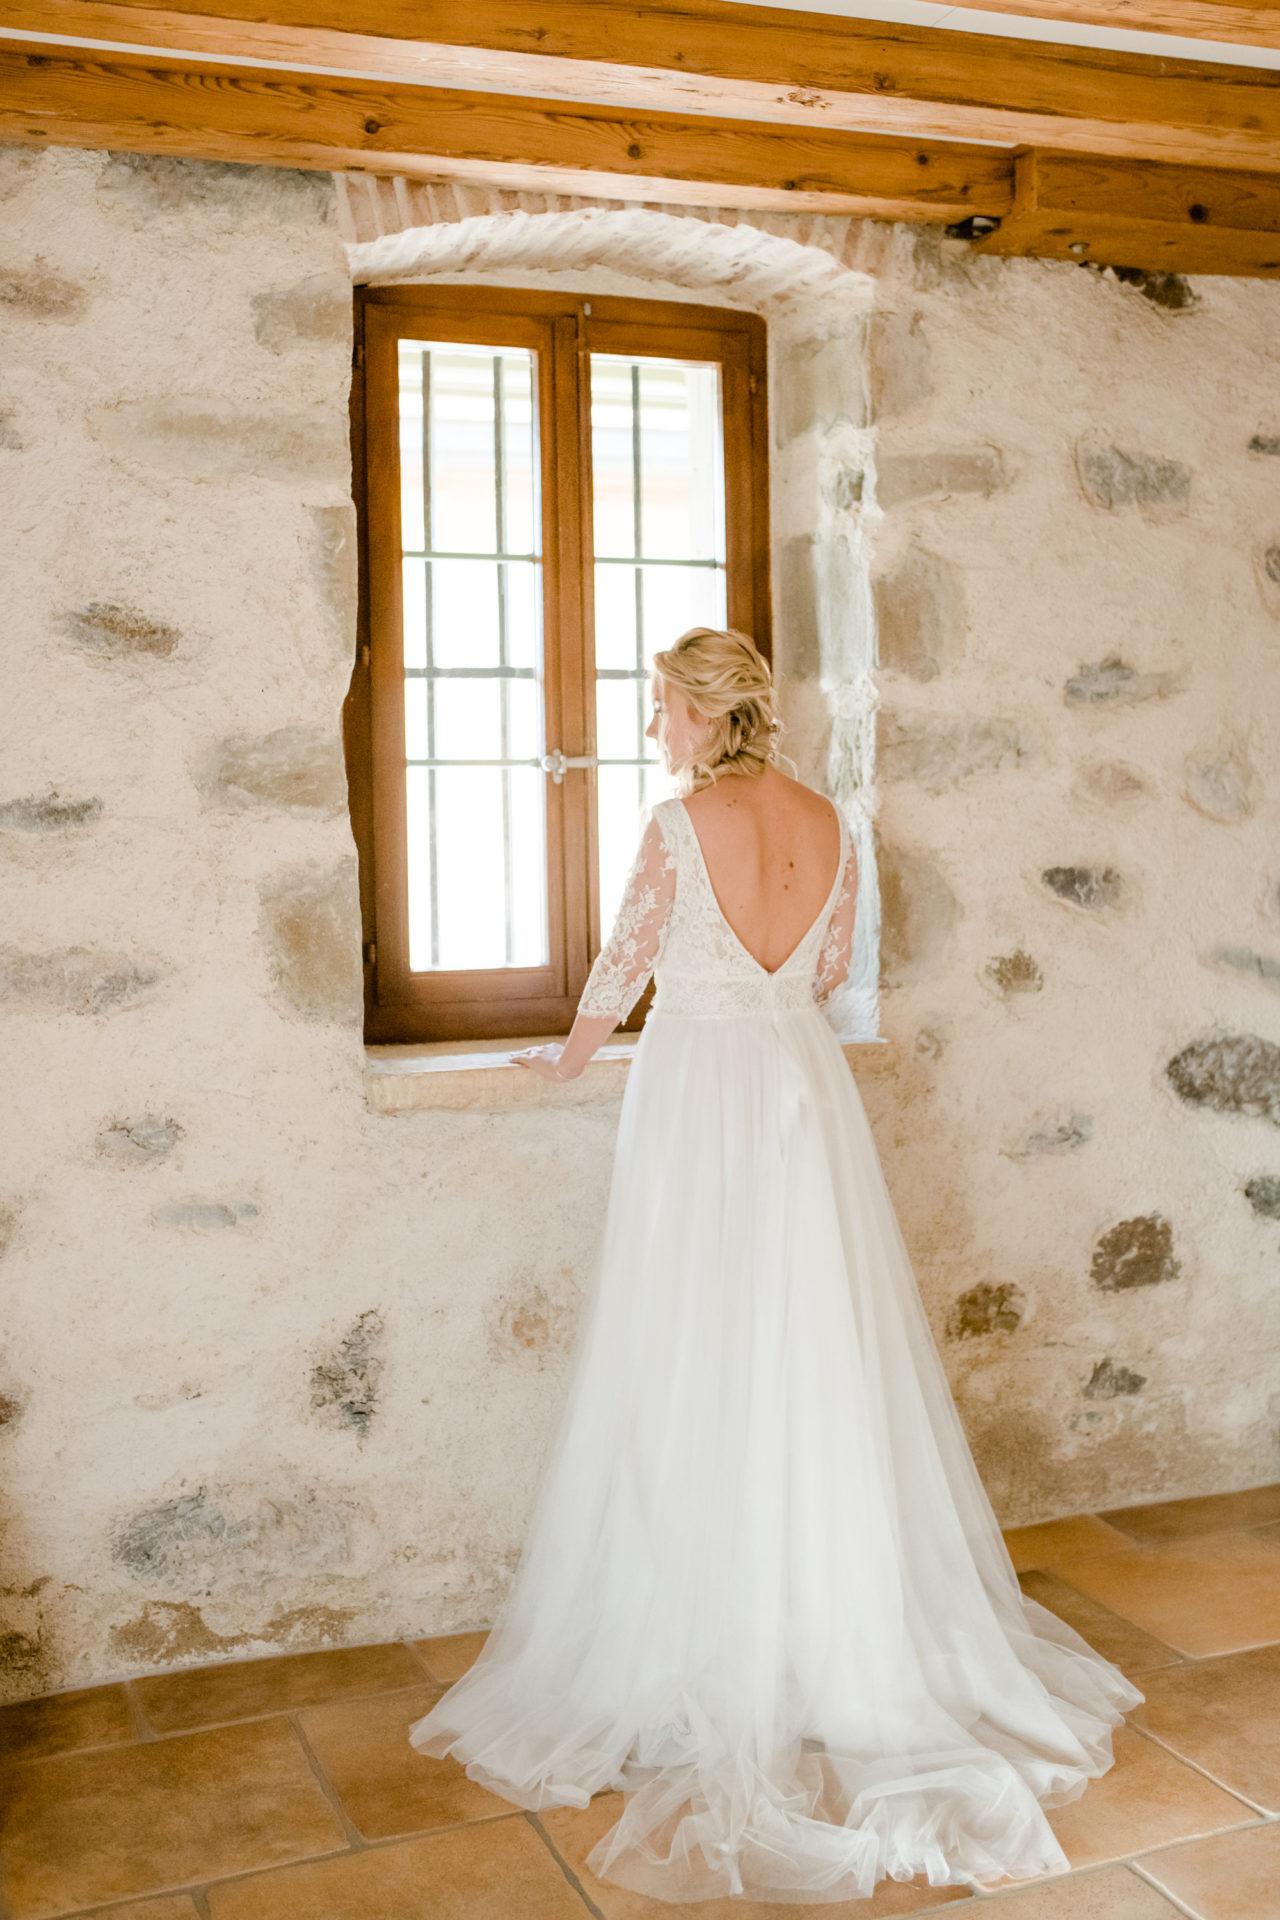 Christelle Naville photographie 152 scaled - 10 bonnes raisons de vous marier au printemps!